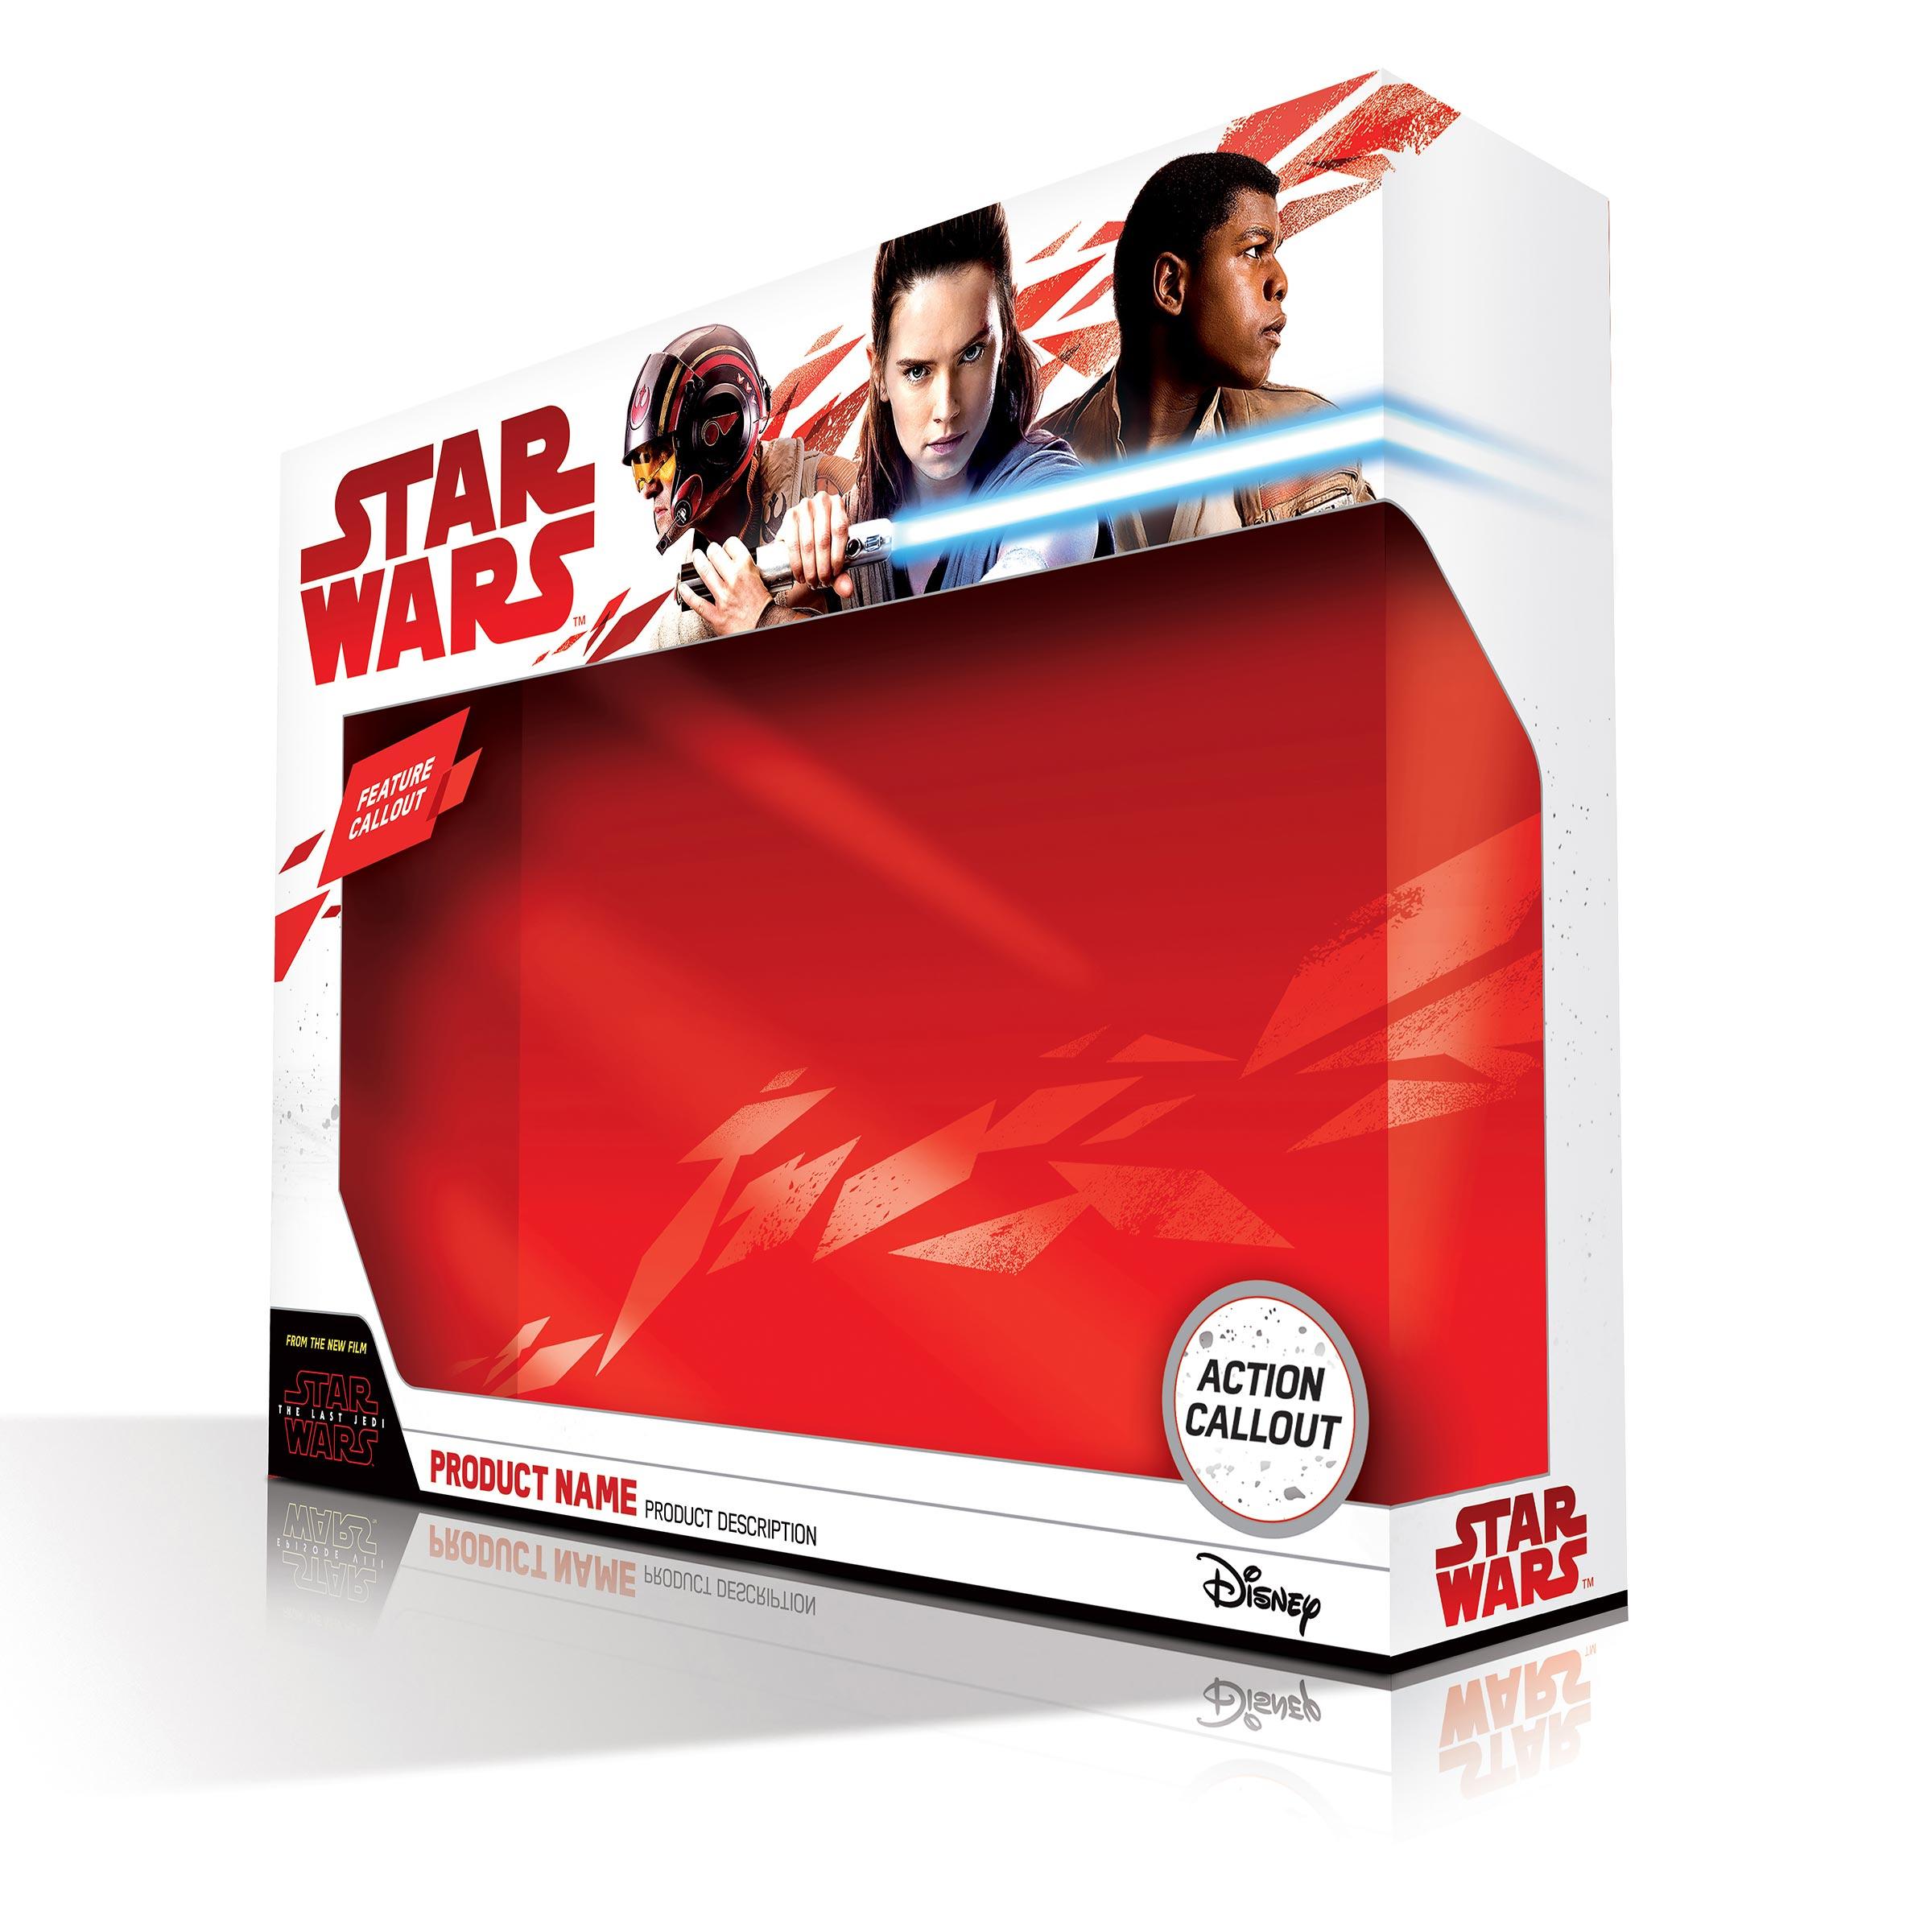 """Revelan primera imagen de Rey, Finn y Poe en Star Wars Episodio VIII """"El último jedi"""""""